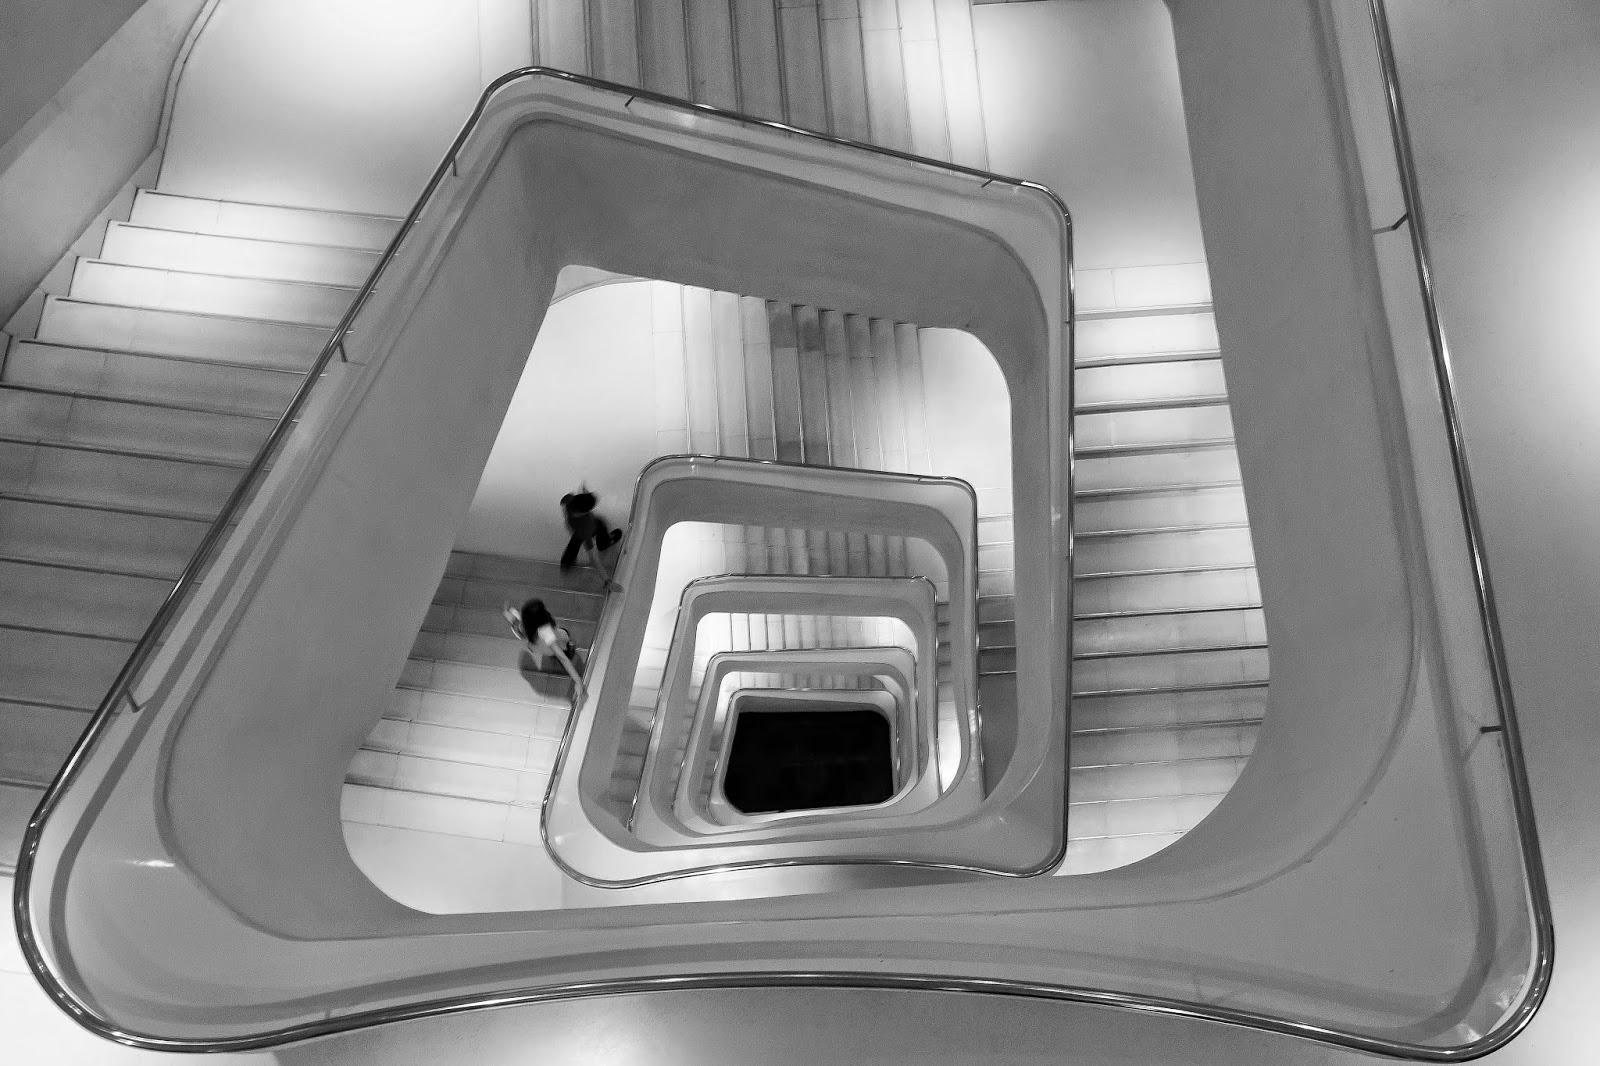 Exposiciones Tickets Cómo Llegar: Escaleras Caixa Forum Madrid